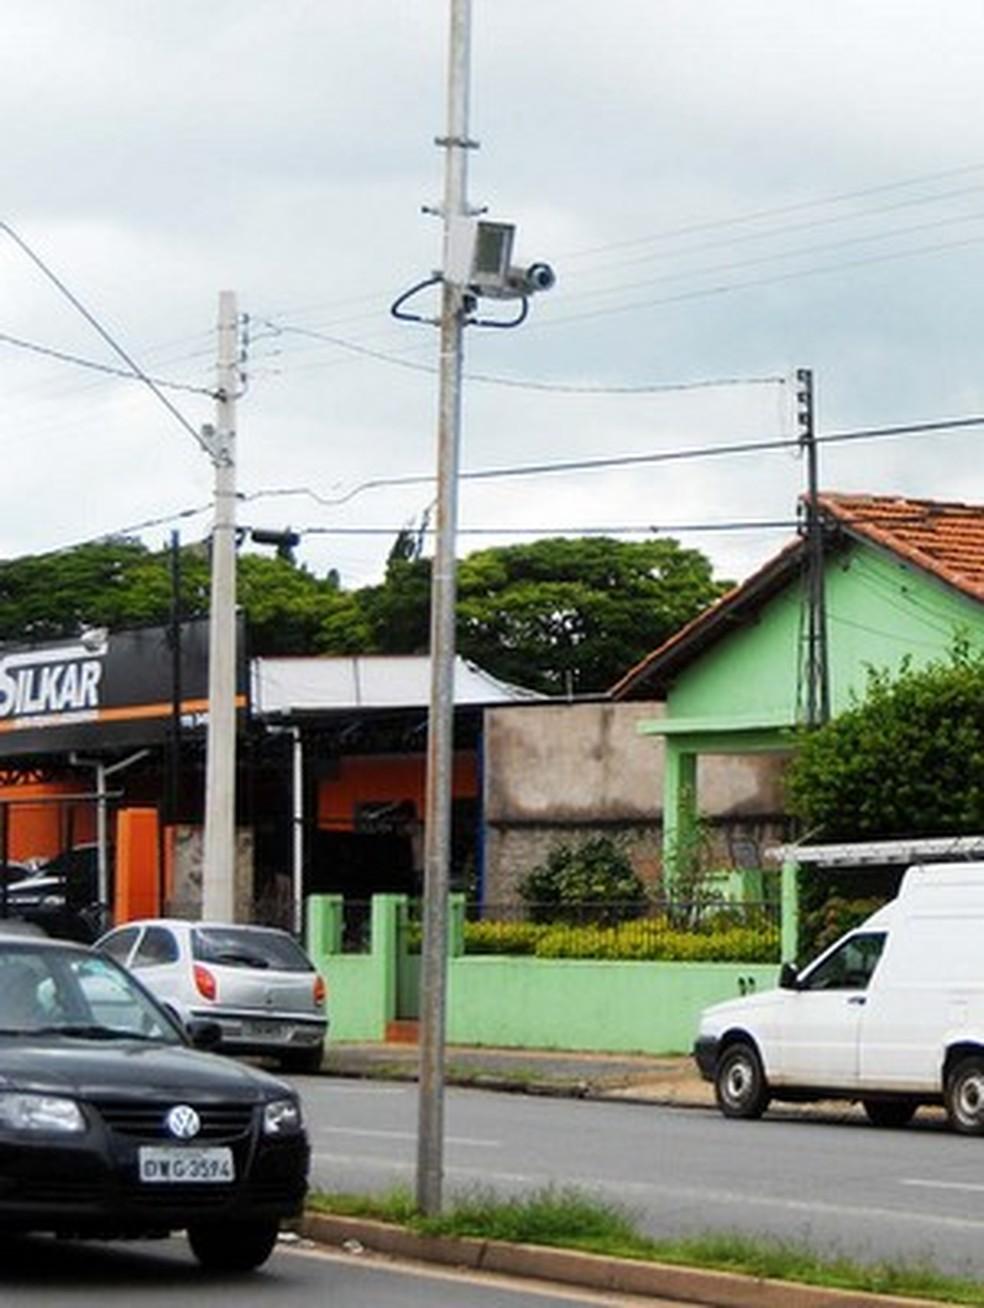 Radares instalado em vi de Limeira: contratos cancelados pela prefeitura — Foto: Wagner Morente/Prefeitura de Limeira